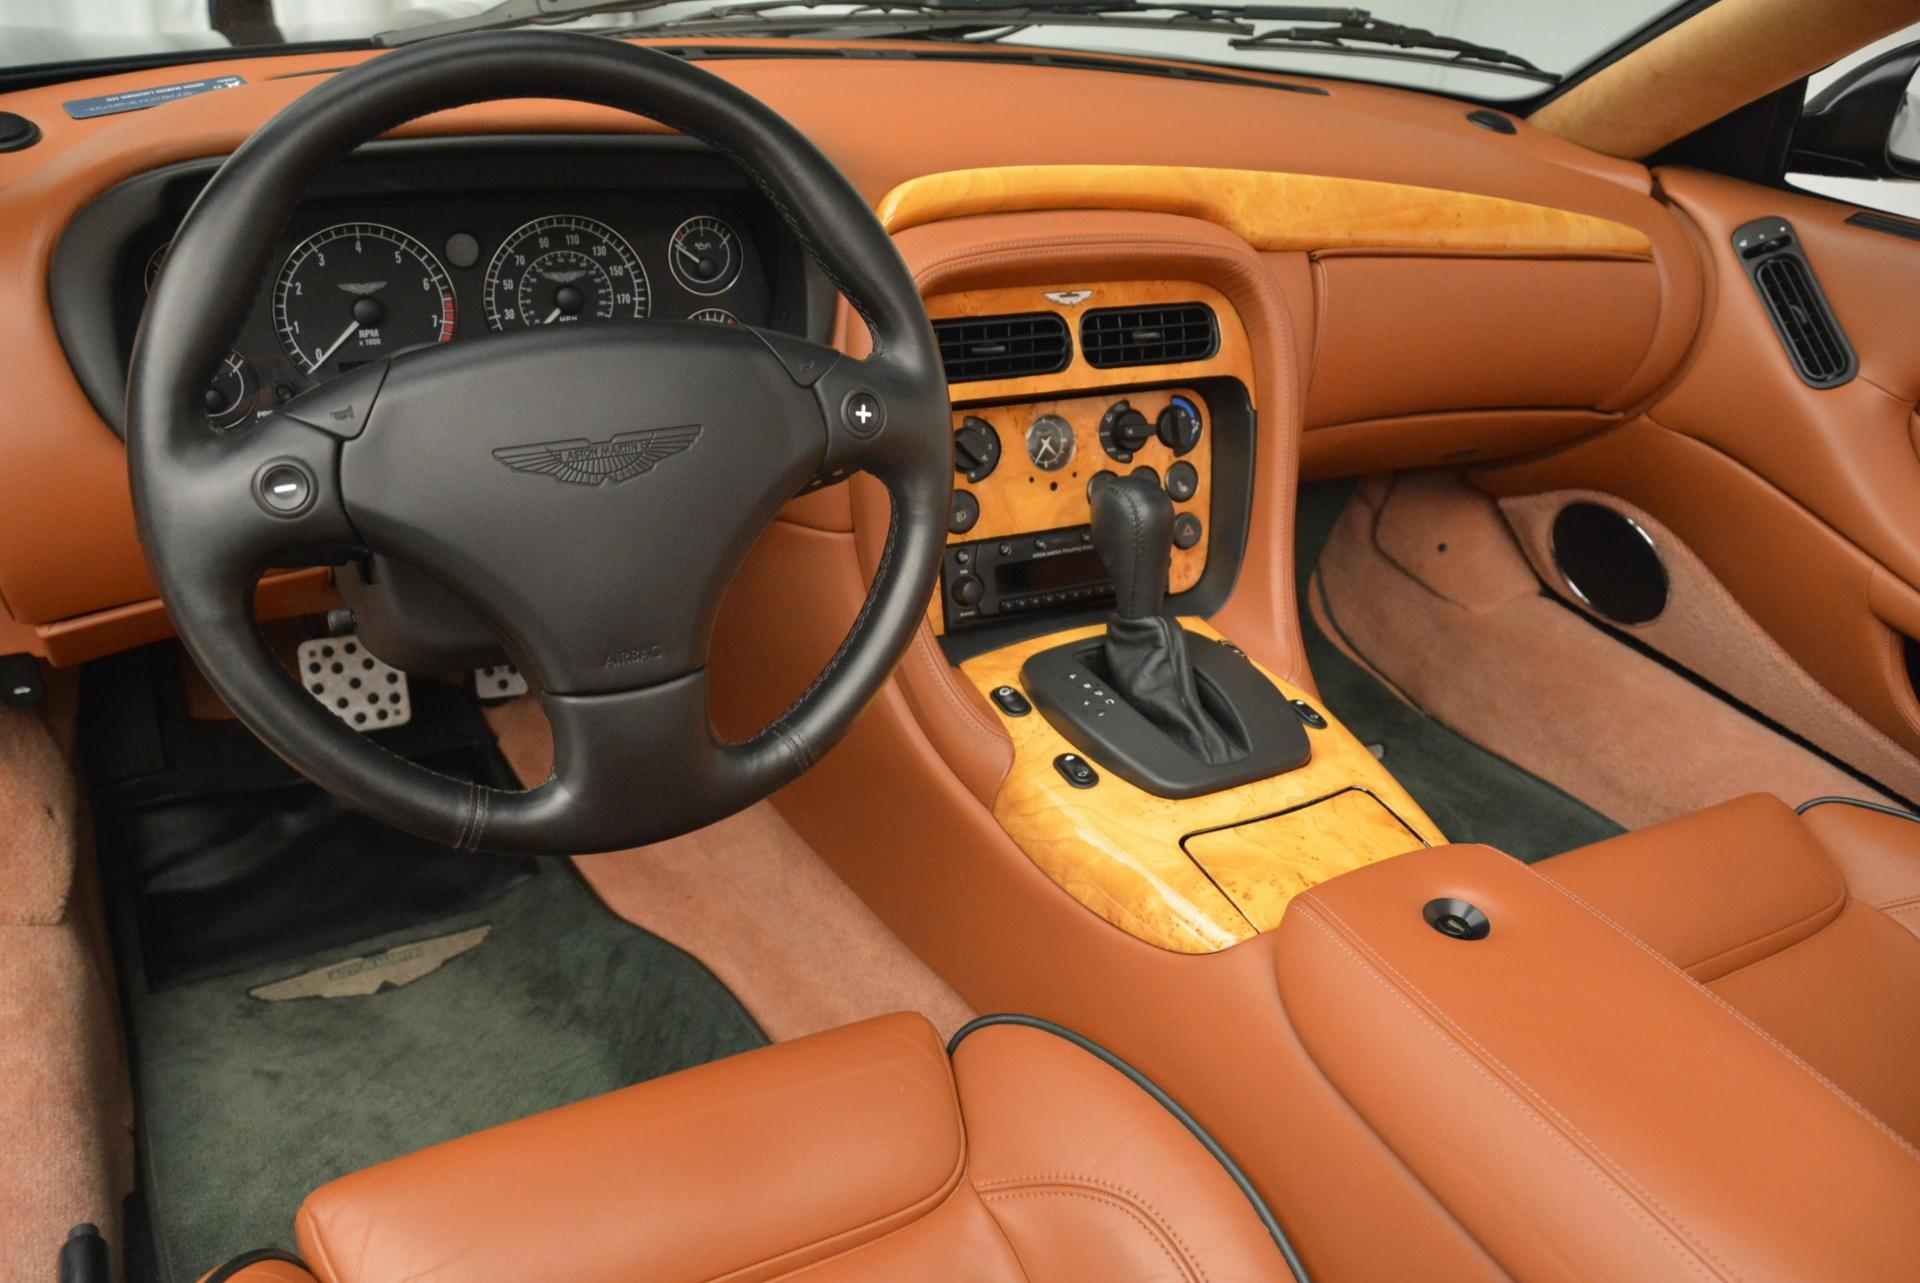 Used 2003 Aston Martin DB7 Vantage Volante For Sale In Greenwich, CT 2084_p24